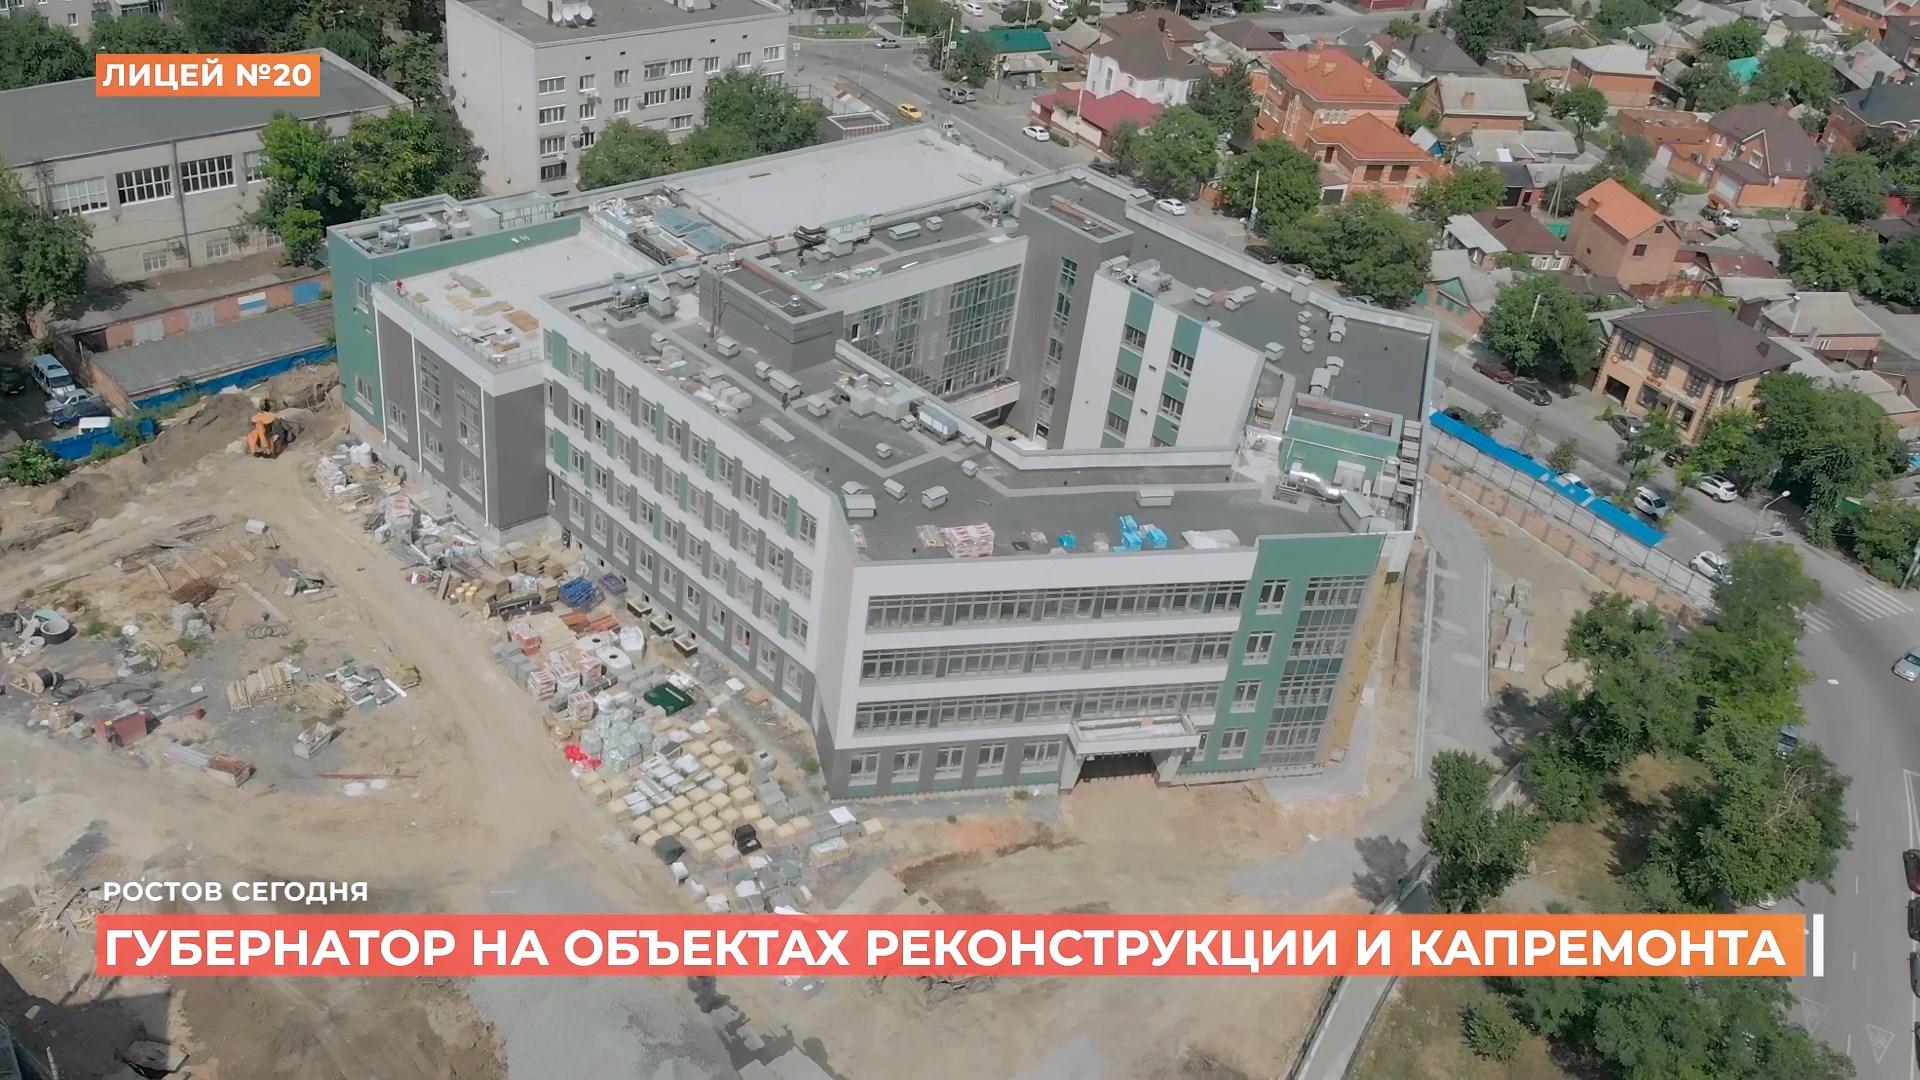 Ростов сегодня: дневной выпуск. 27 июля 2021